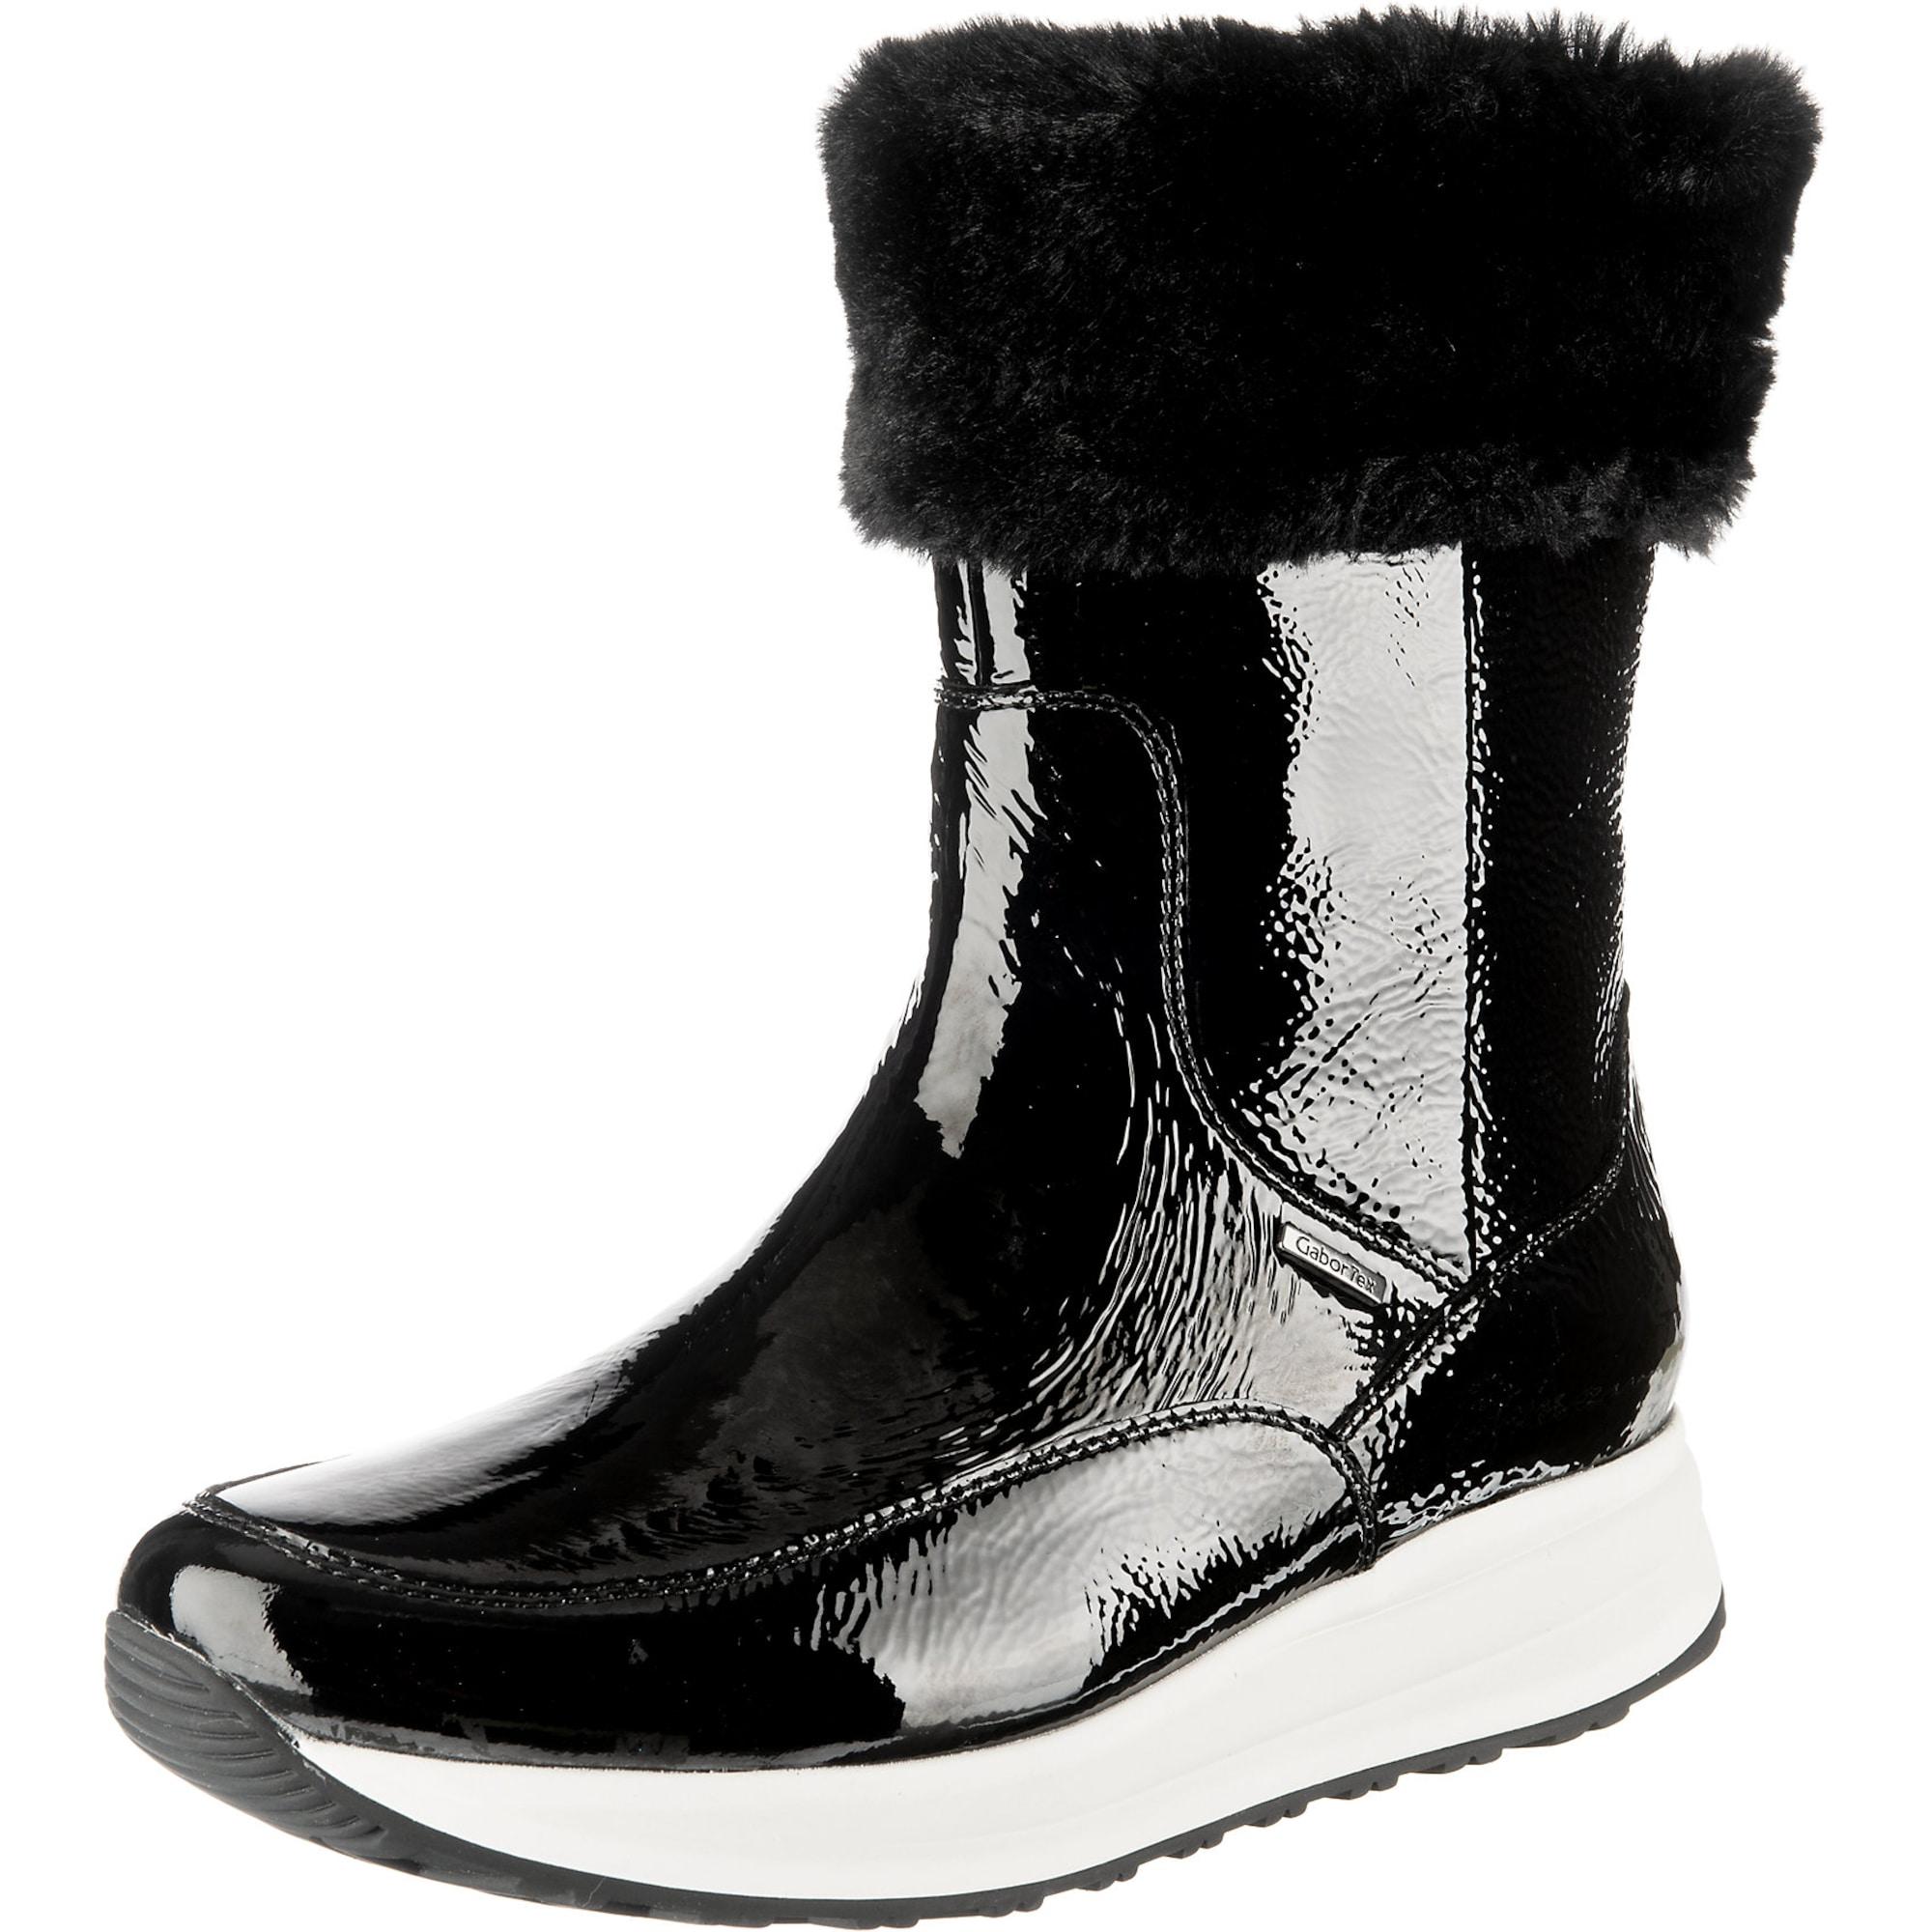 Winterstiefel | Schuhe > Stiefel > Winterstiefel | Schwarz | Gabor